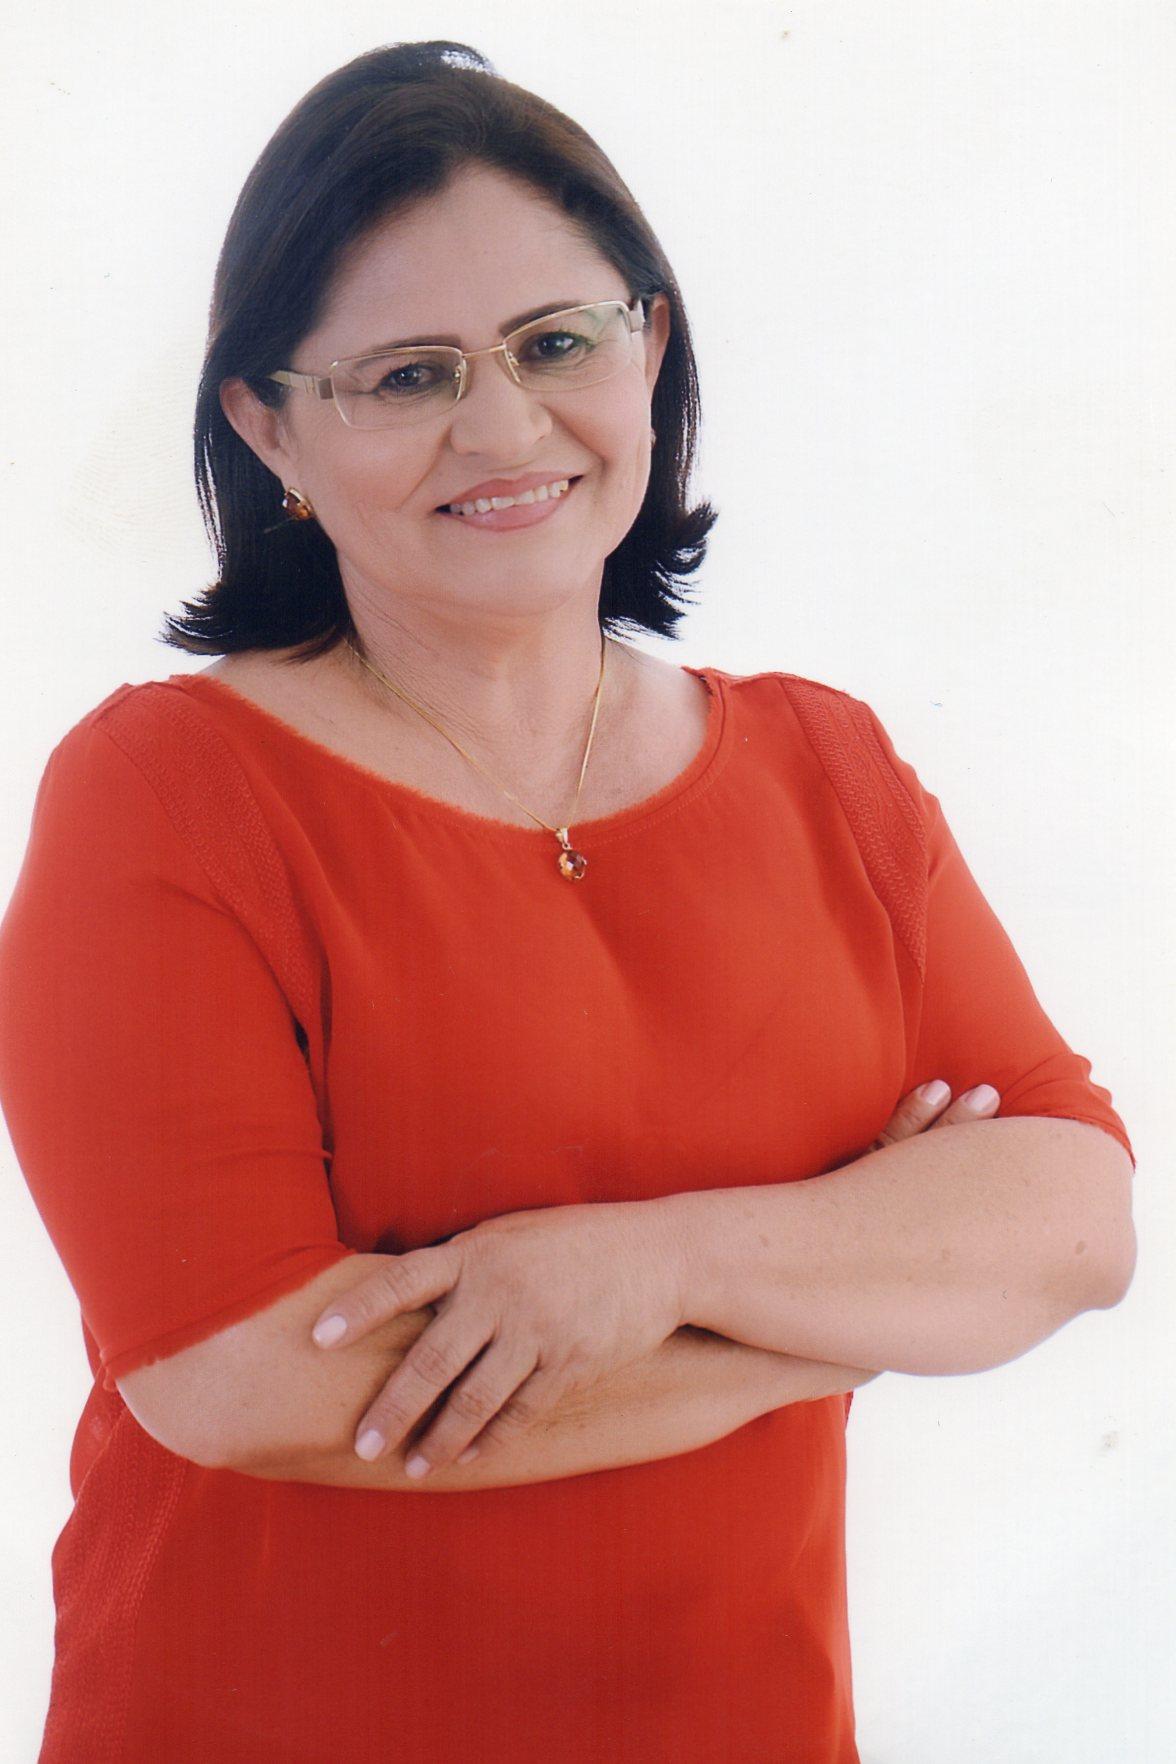 Maricélia Ribeiro de Menezes Rocha